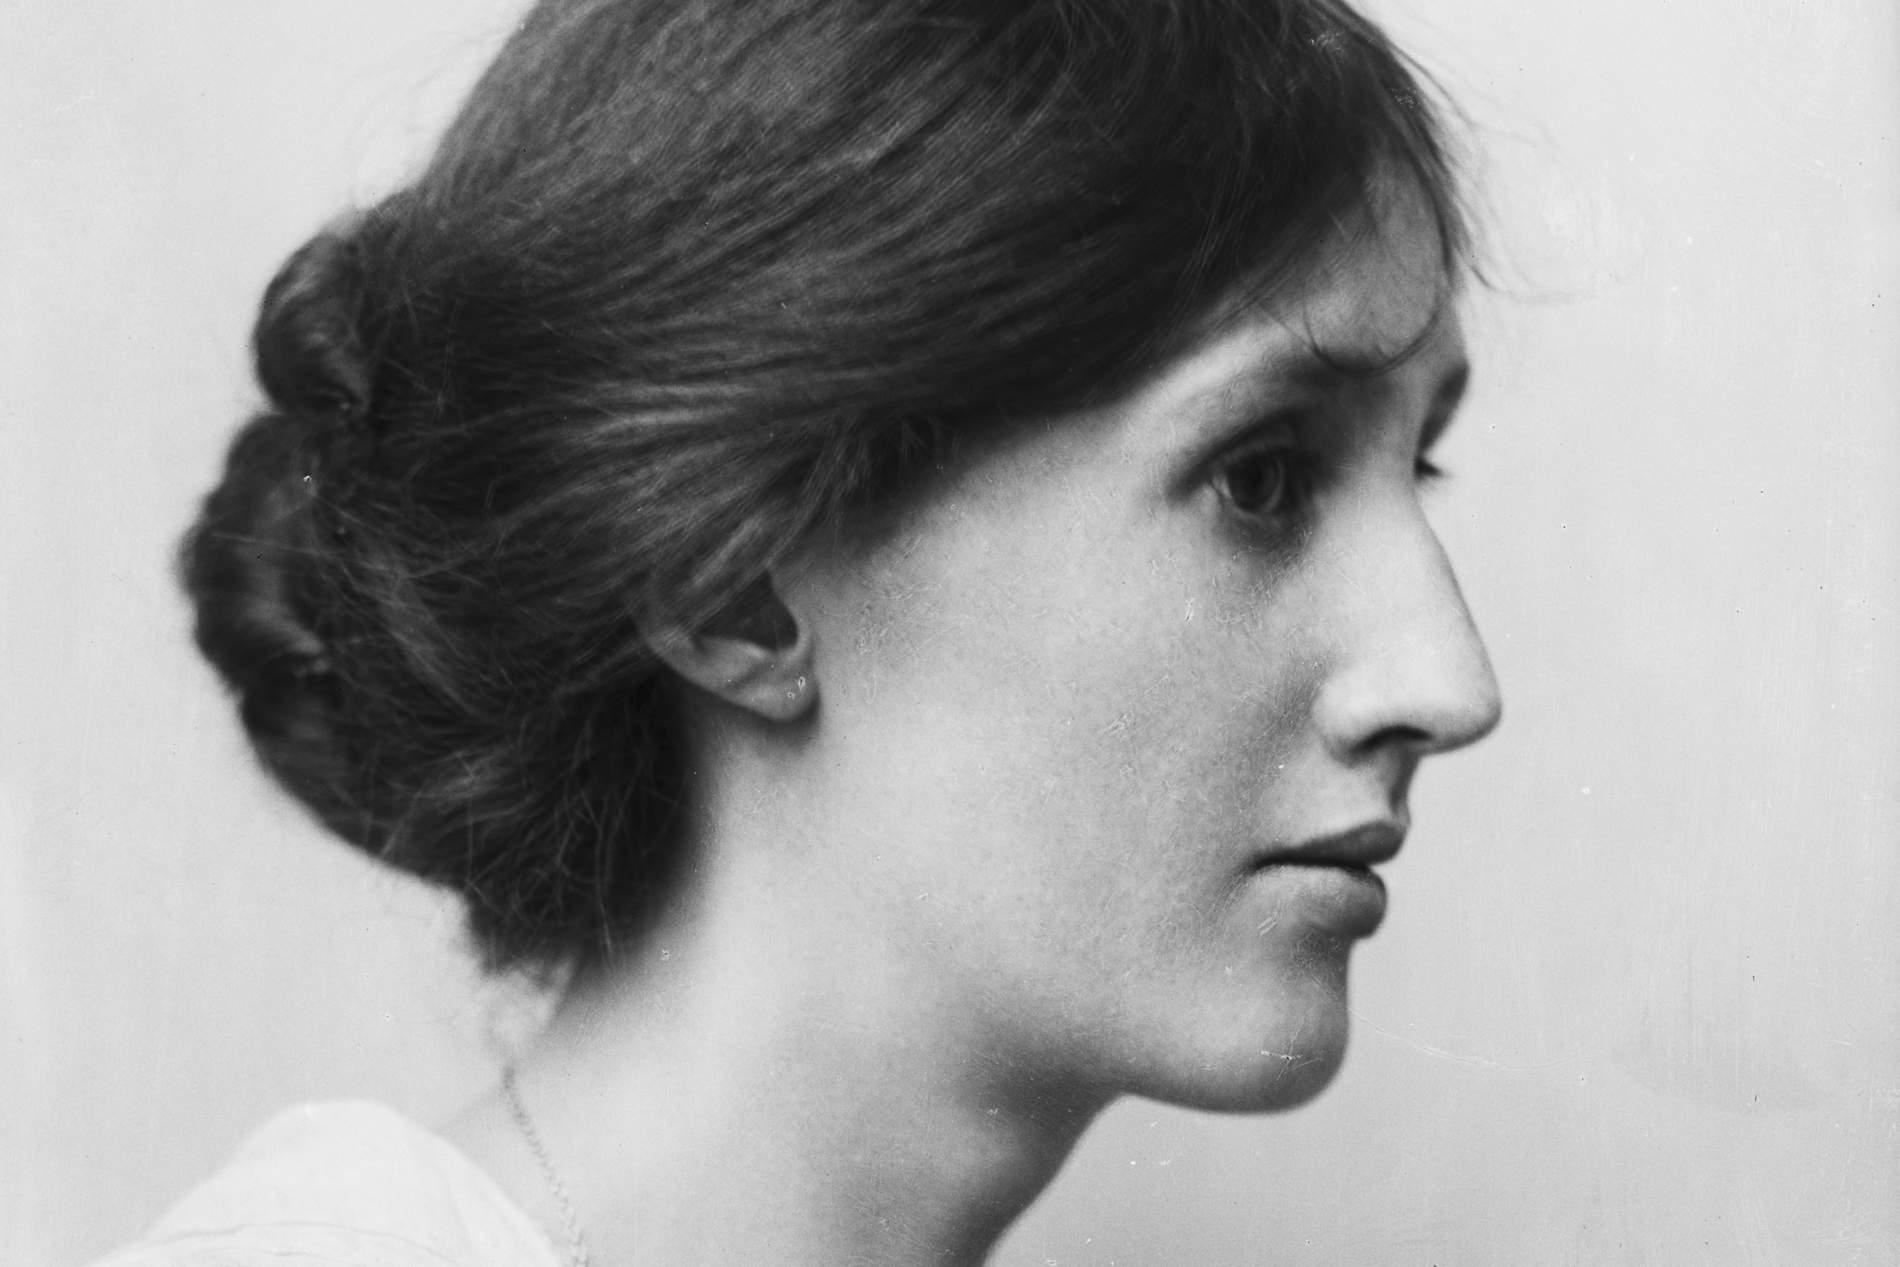 Le parole di Virginia Woolf insegnano a cogliere il cambiamento e la bellezza ancora oggi